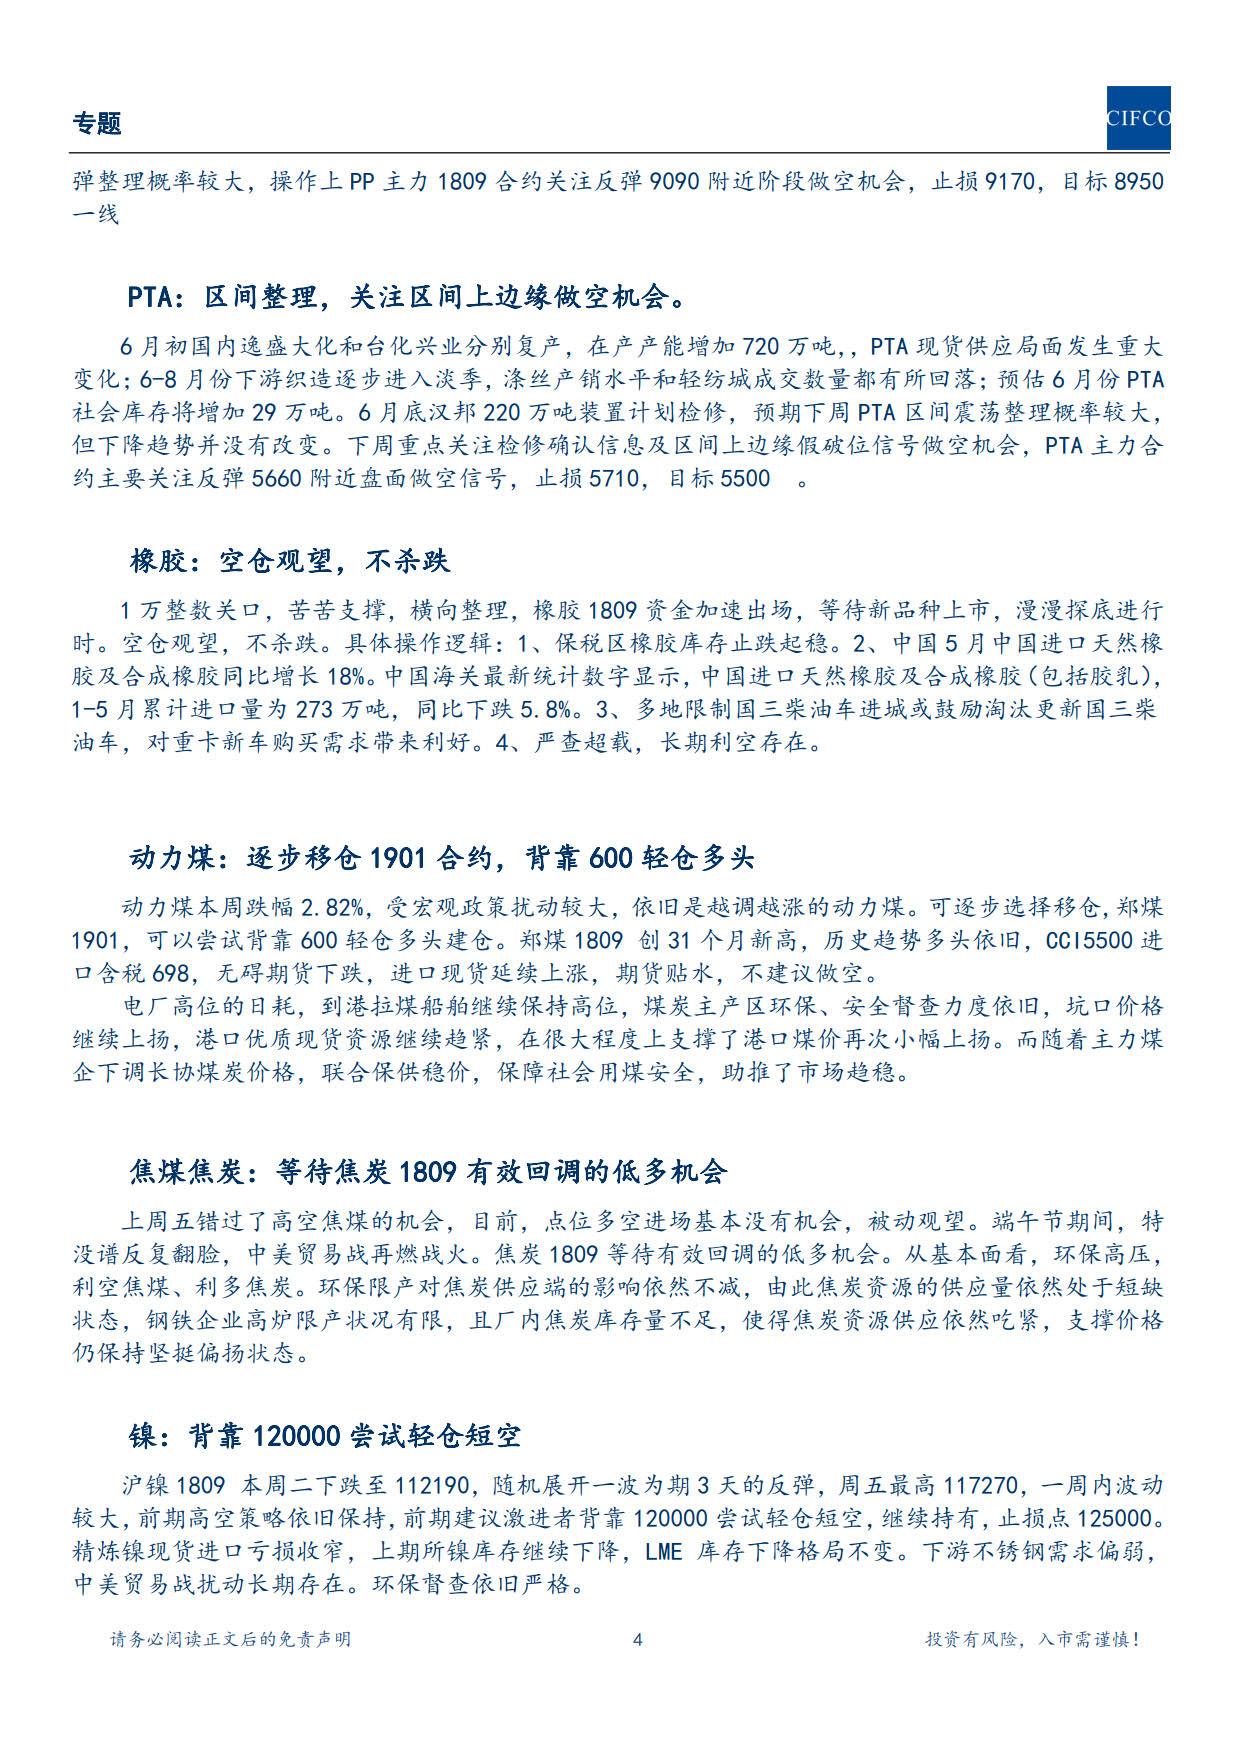 8【周策略会议】期待央妈降准,沪铜反弹仍有远忧_4.jpg